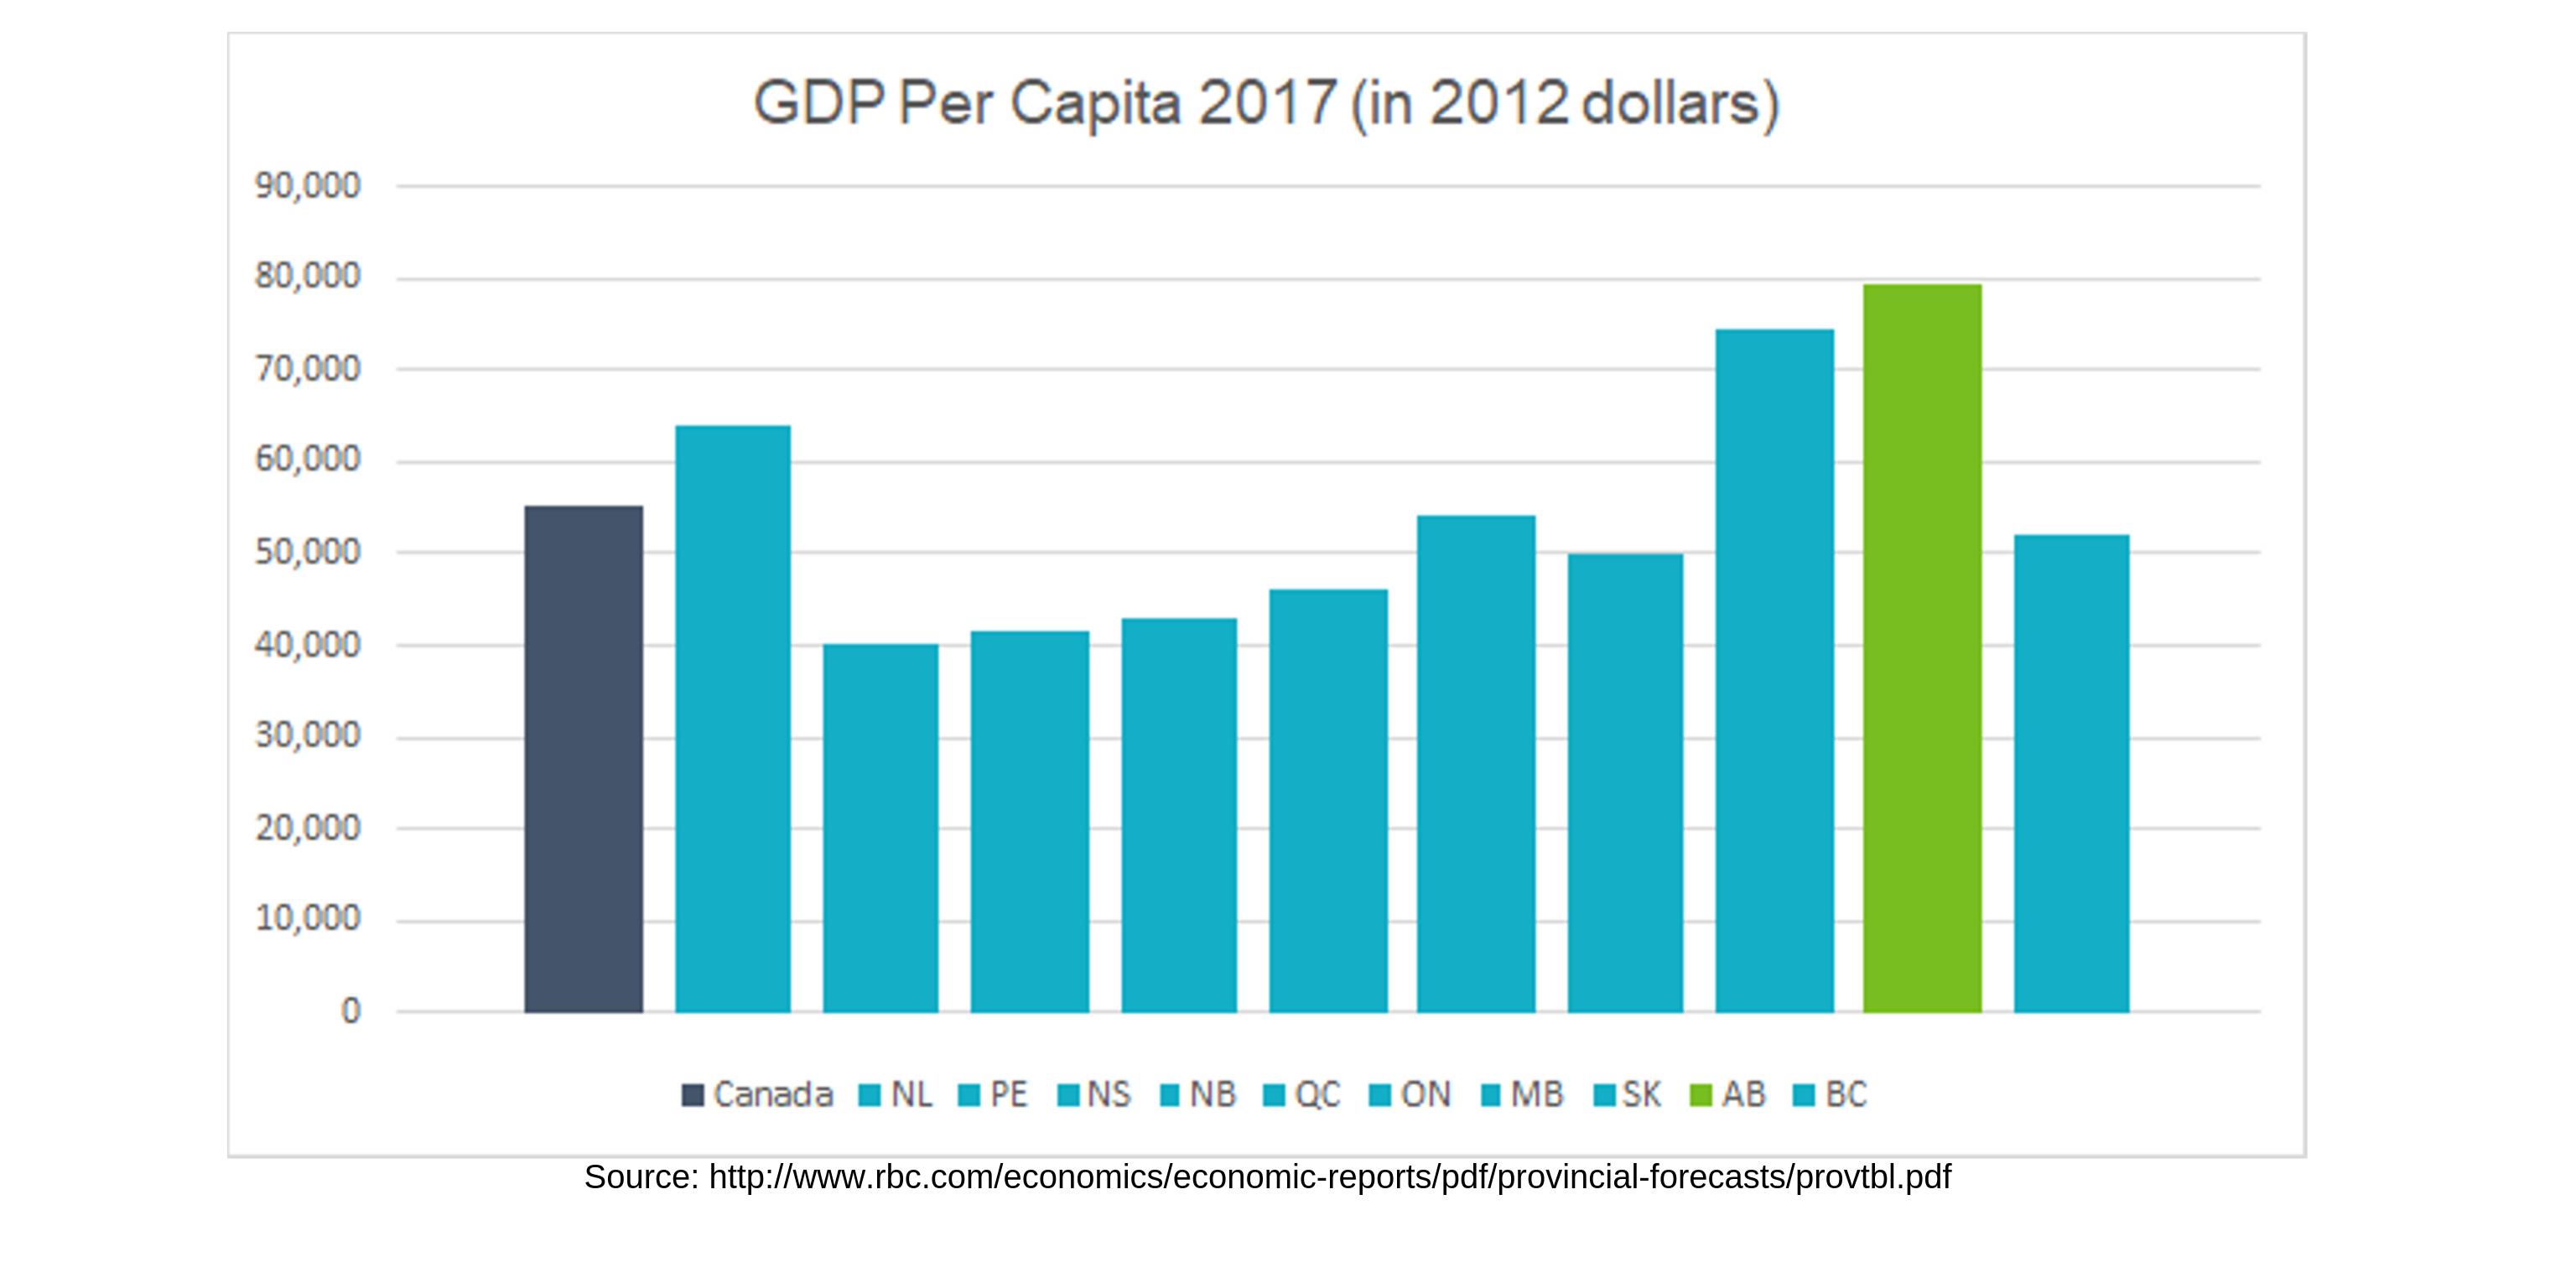 1 GDP per Capita